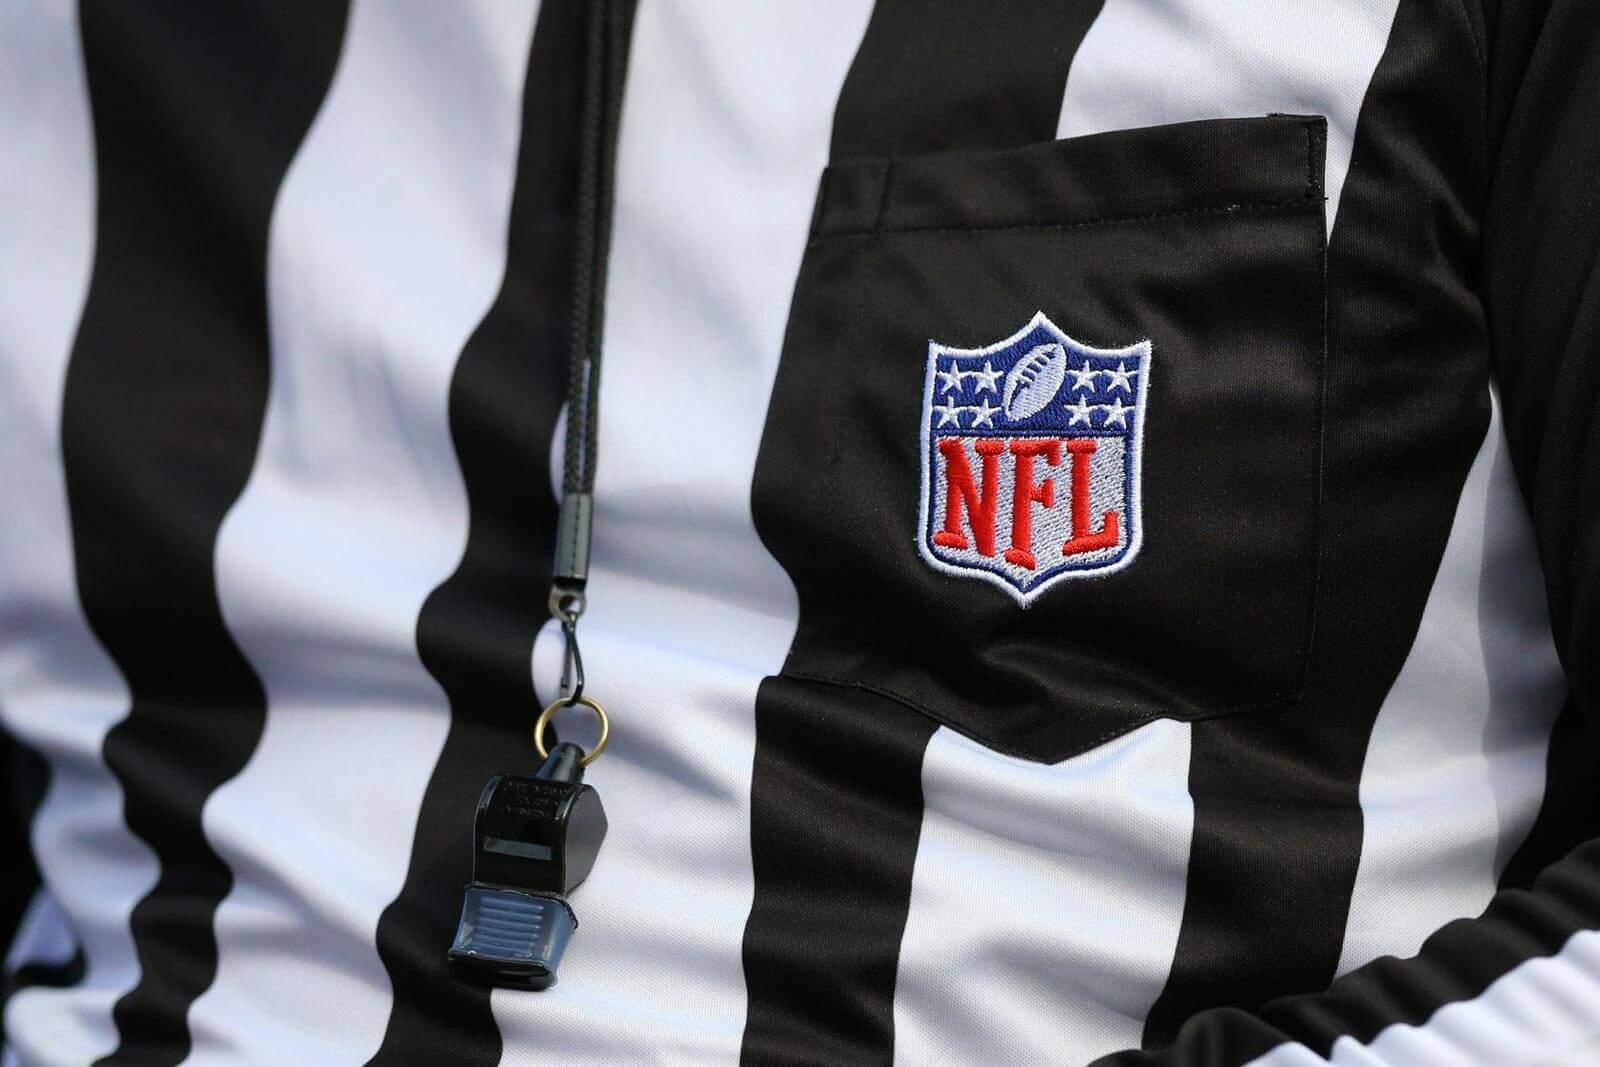 2017 NFL Network Preseason Schedule